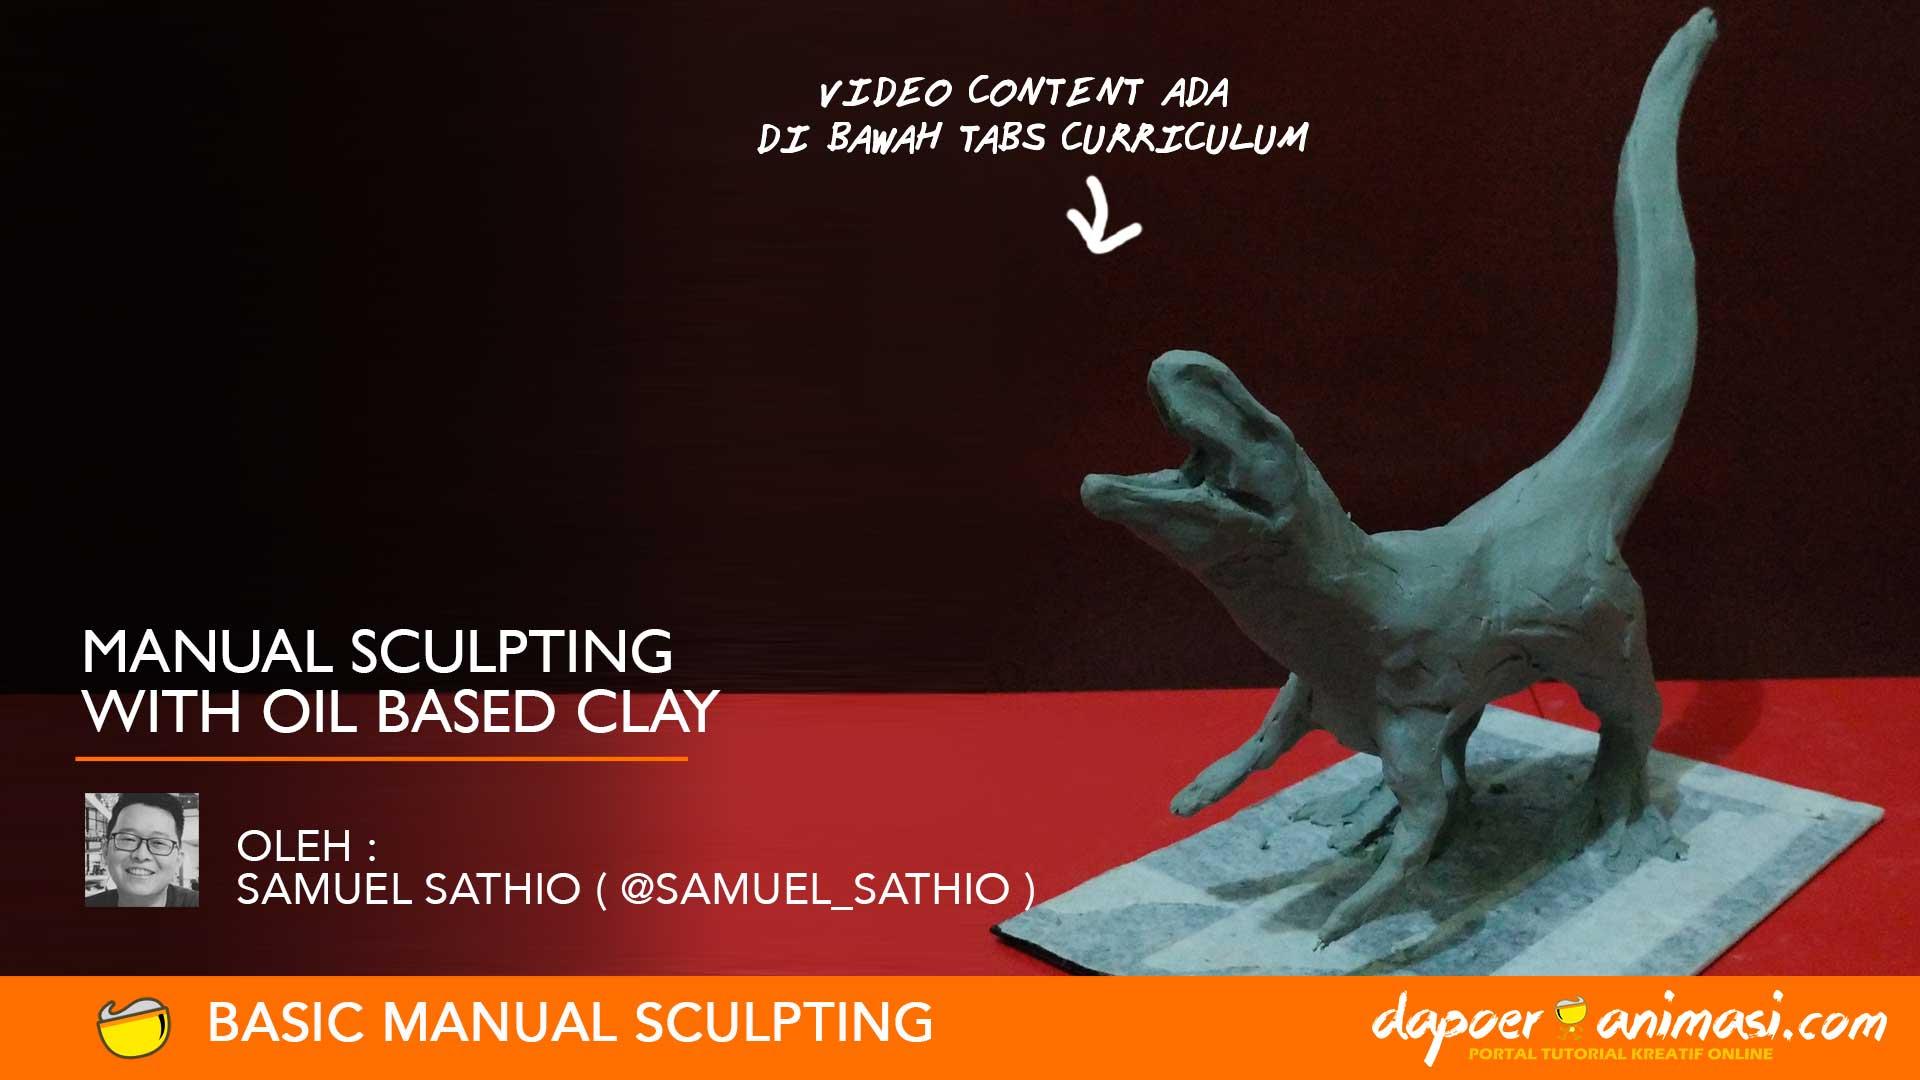 Dapoer Animasi : Seri Manual Sculpting : Manual Sculpting with Oil Based Clay